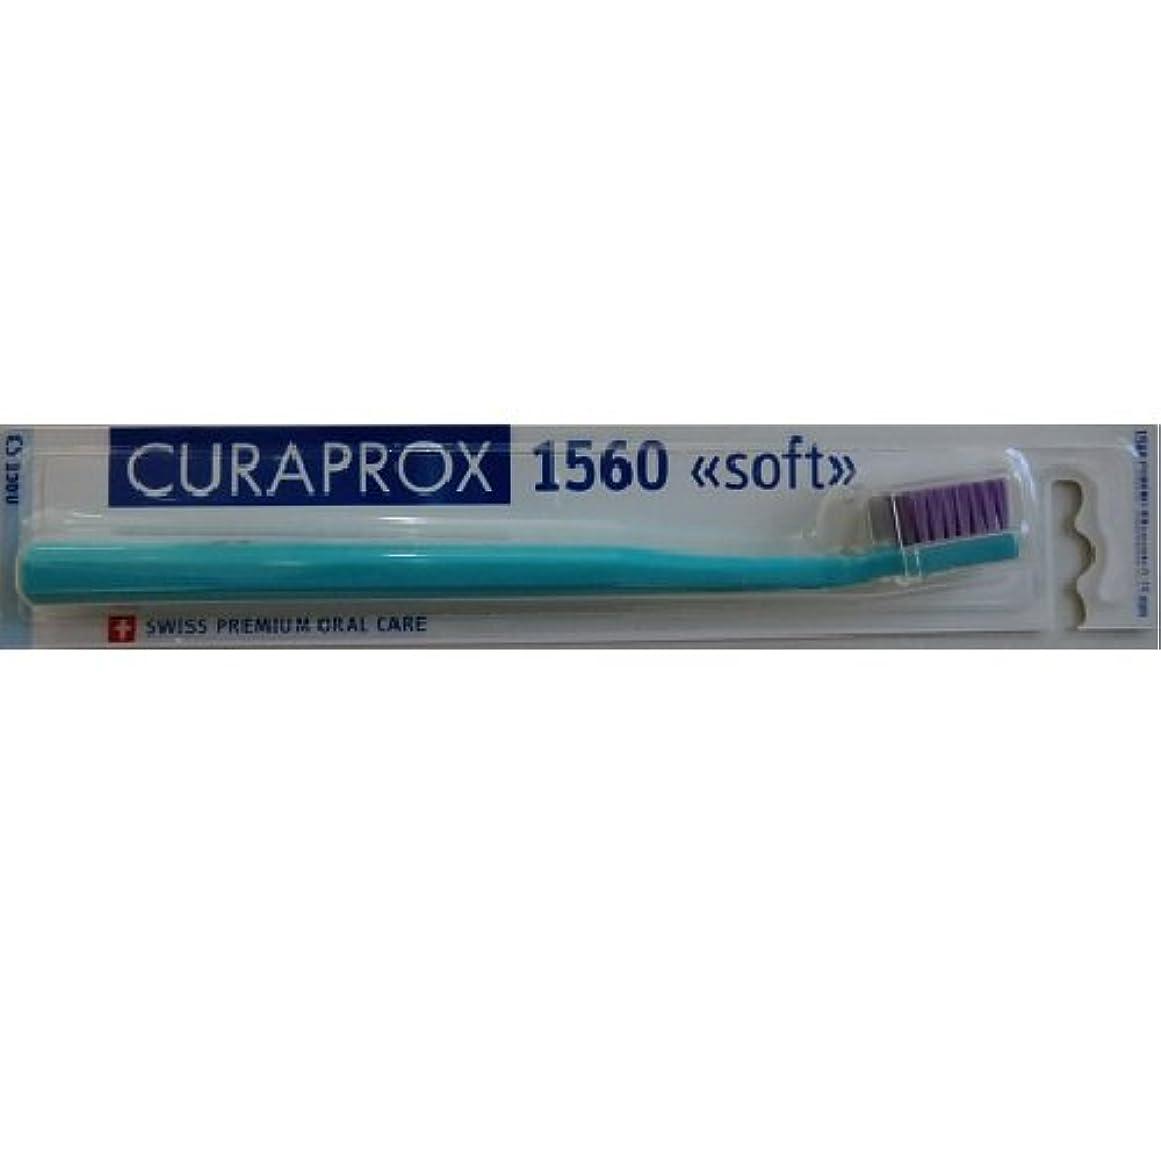 花嫁霊非武装化キュラプロックス1560?ソフト歯ブラシ